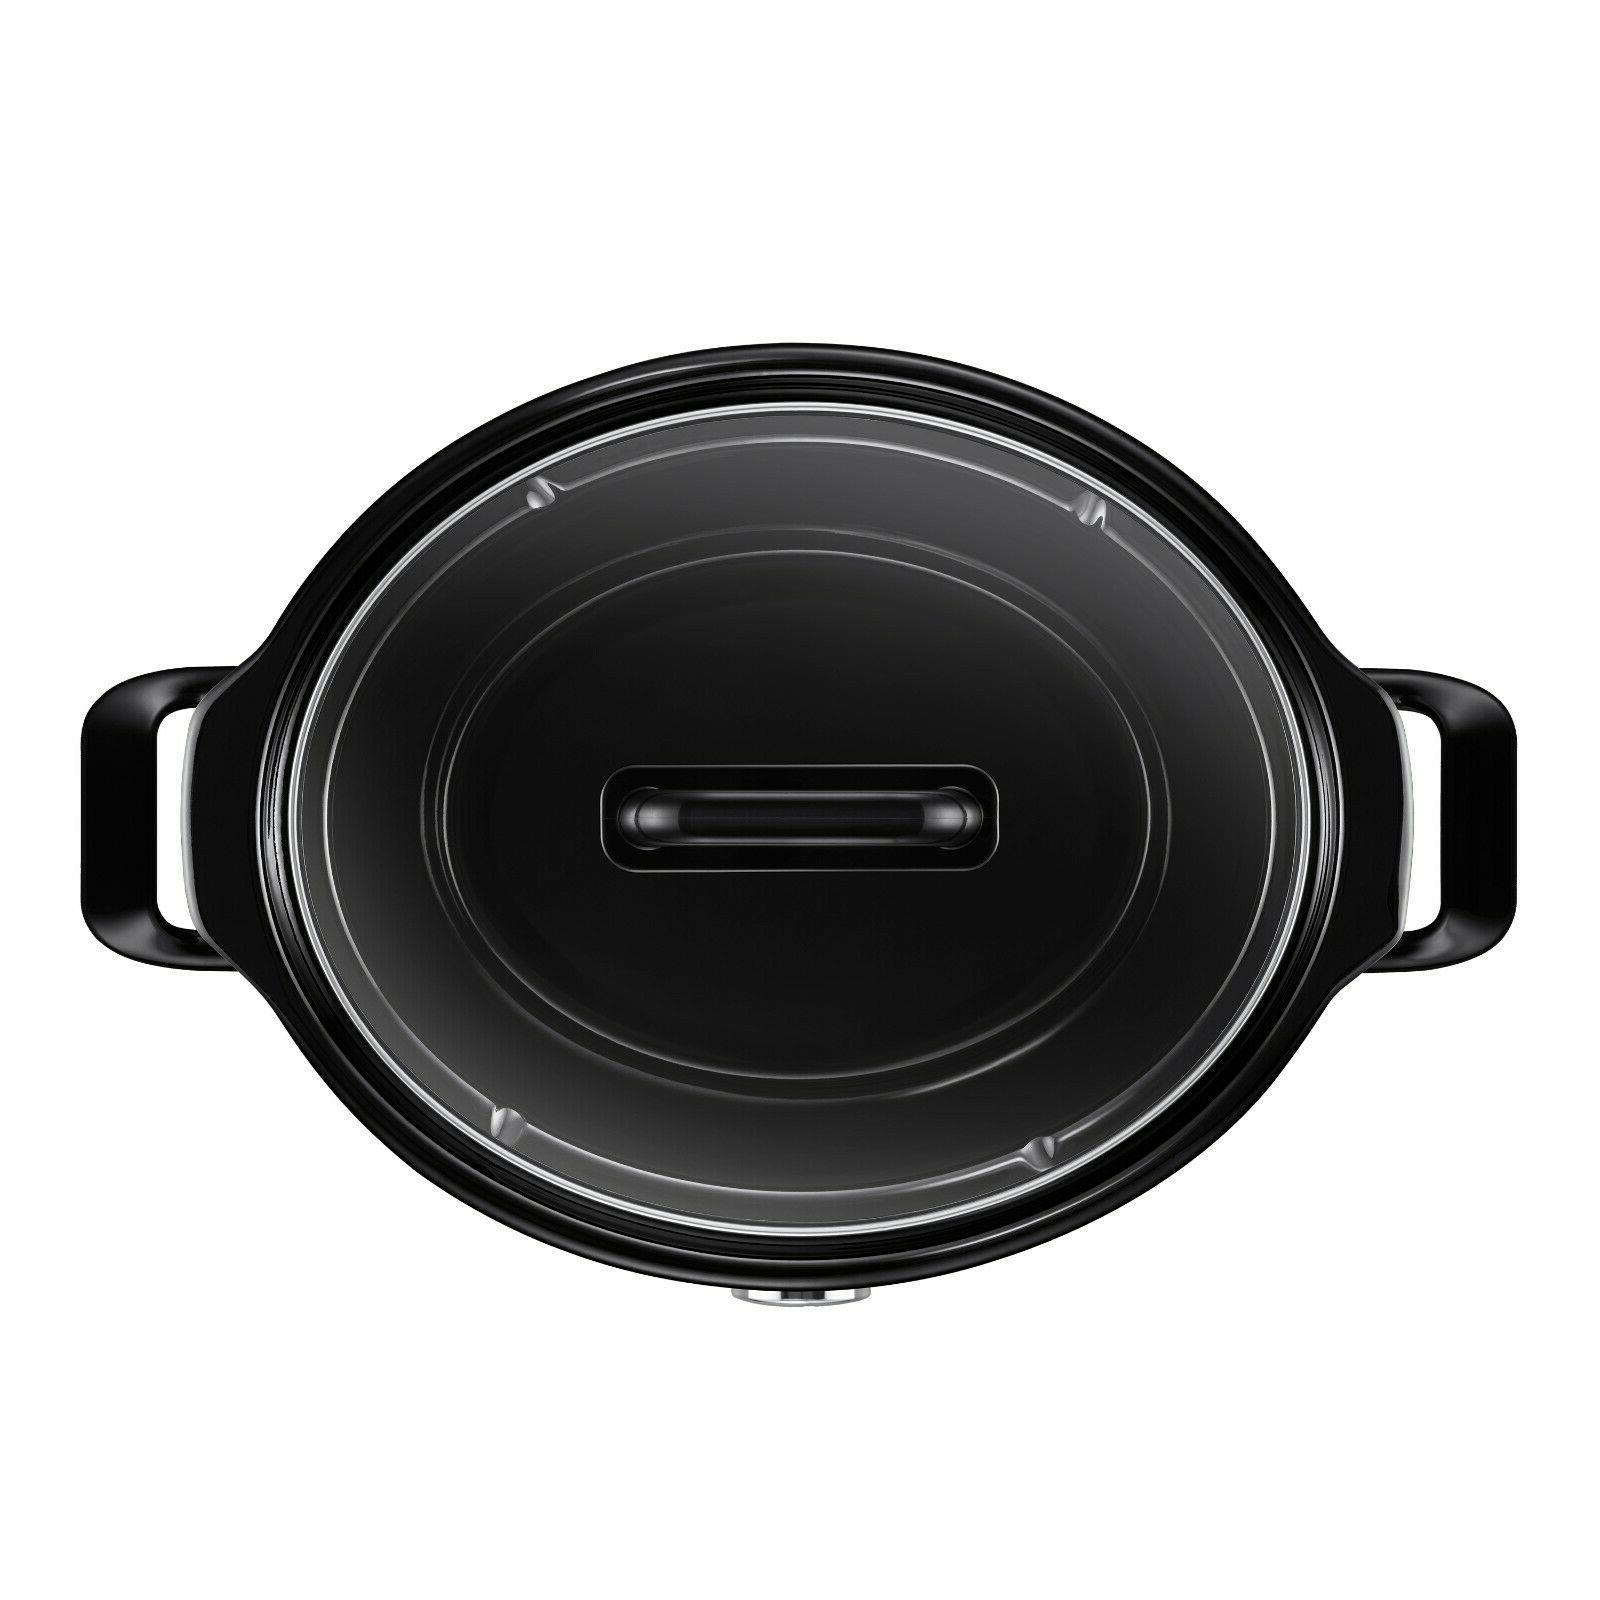 Crock-Pot 4 Quart Slow Cooker